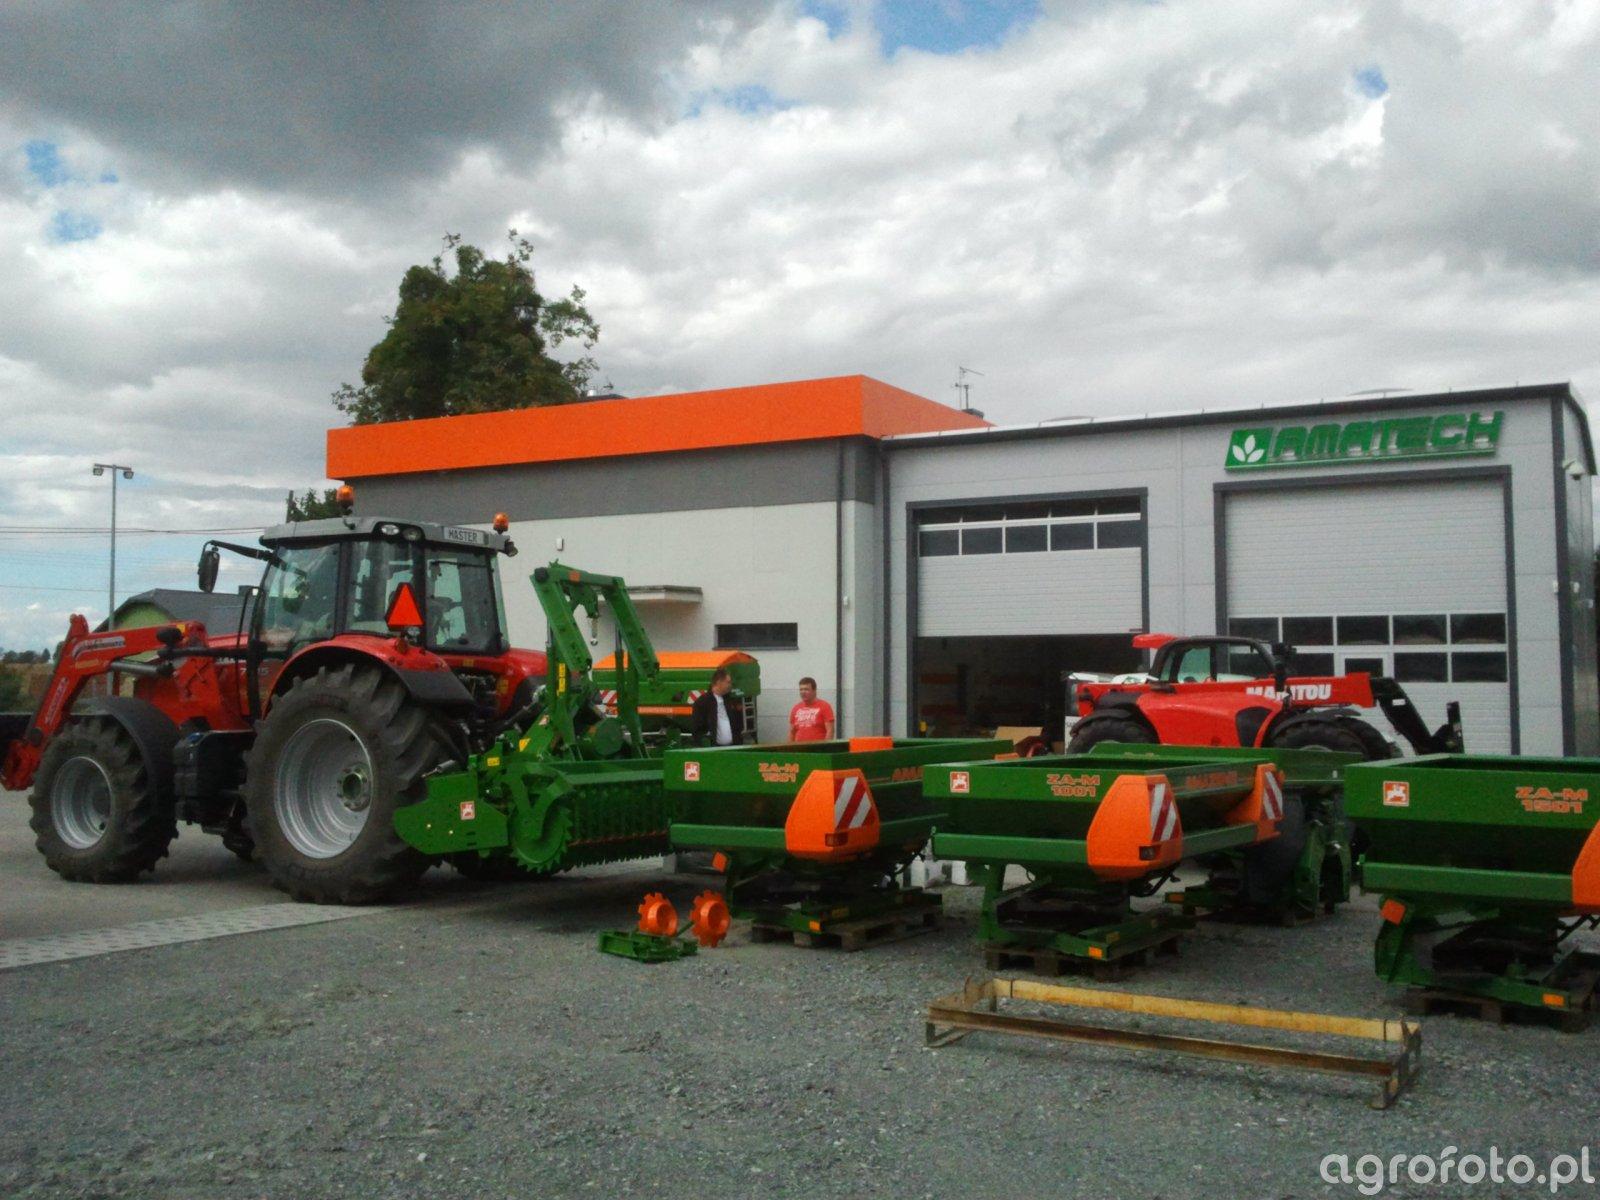 Massey ferguson 7615 Dyna-VT + Amazone KG 3000 Super